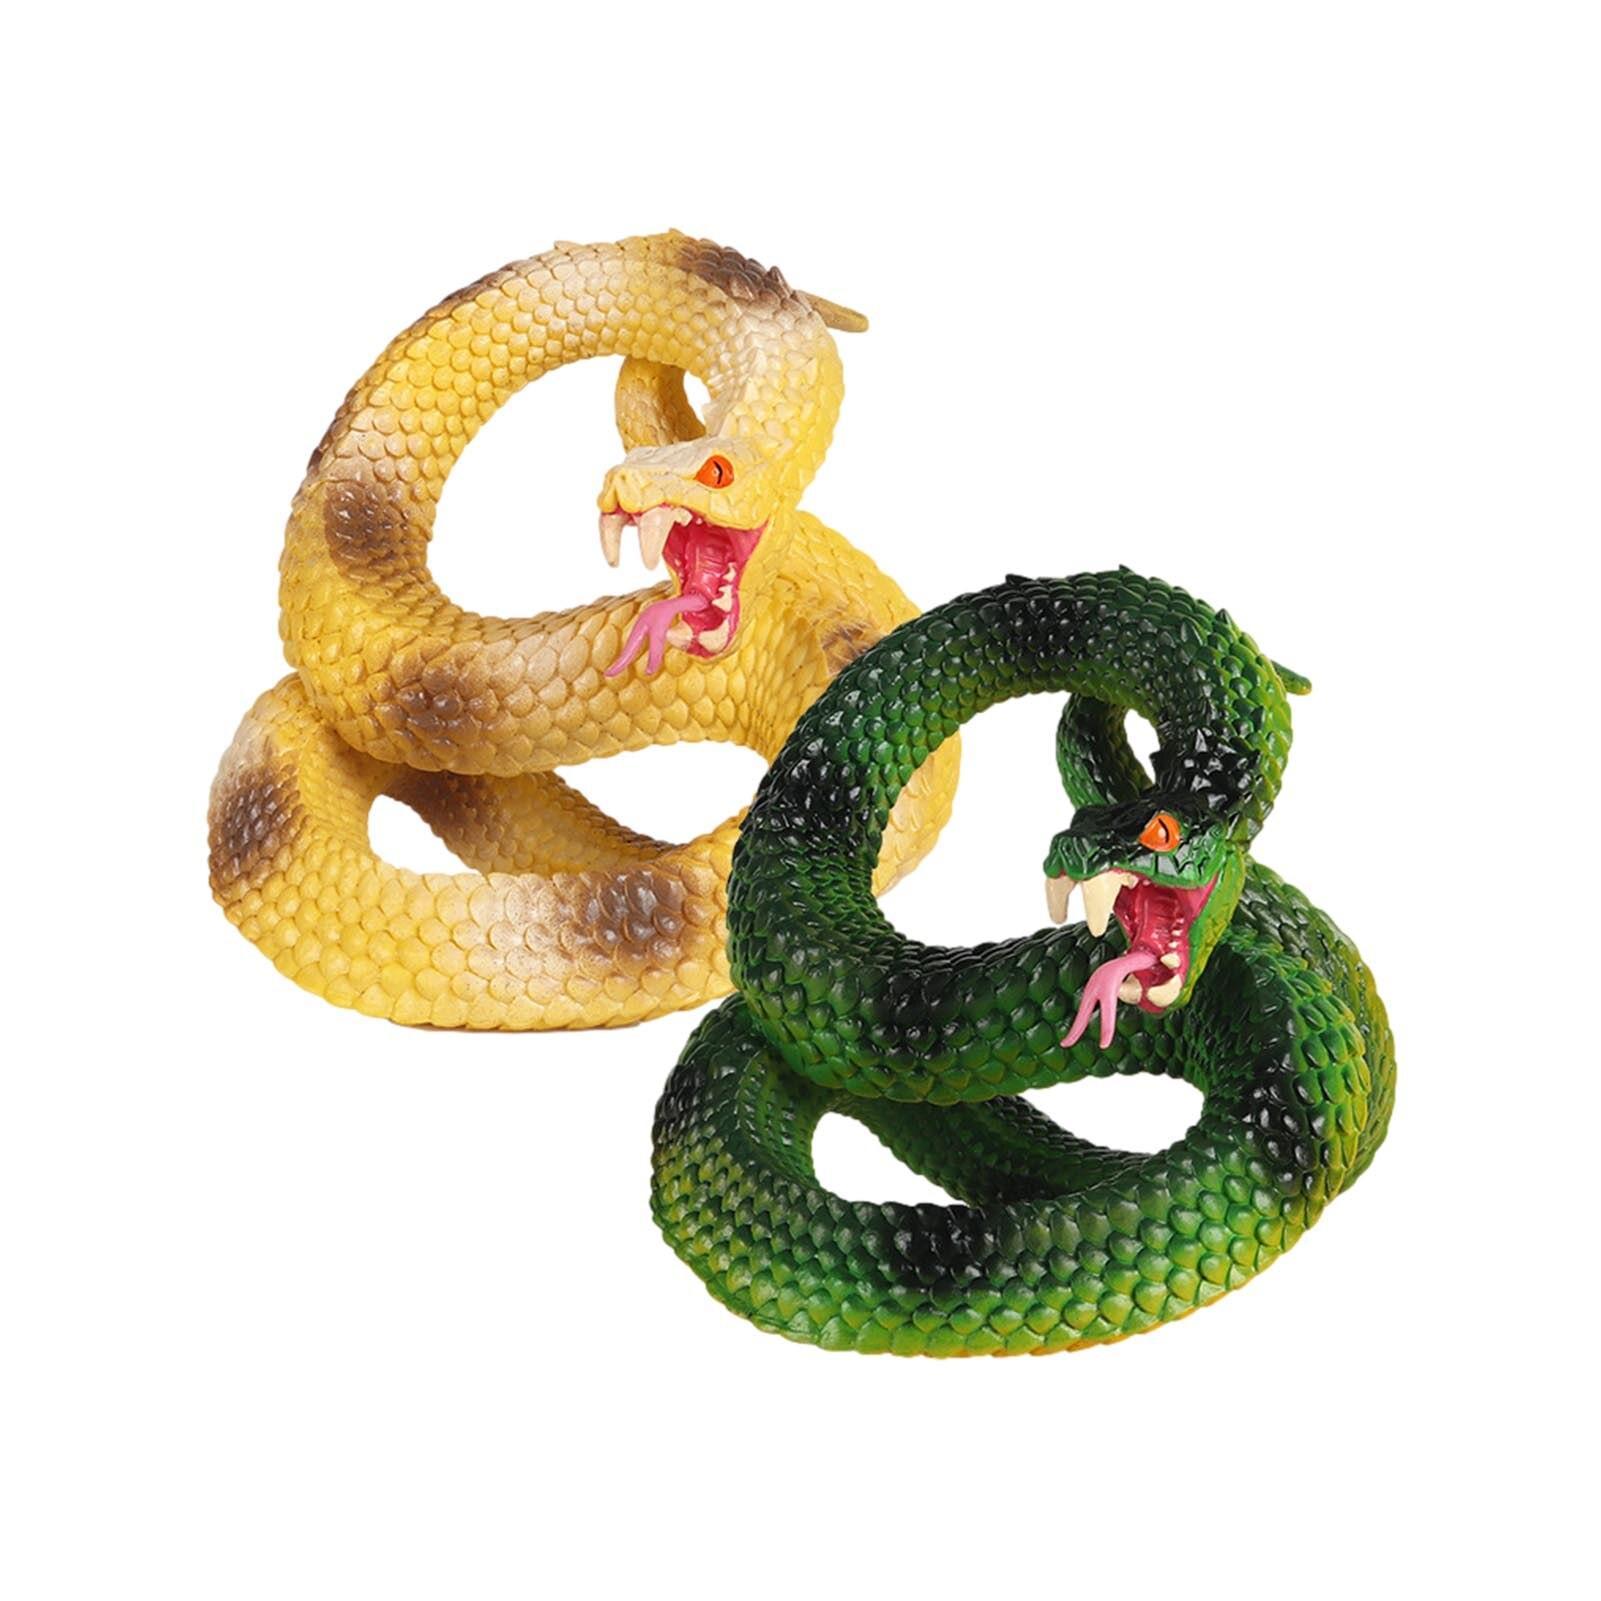 Реалистичная имитация искусственной змеи, змея, игрушка, реквизит для сада, шутка, розыгрыш, подарок, новинка и розыгрыш, игра, шутки, игрушка...